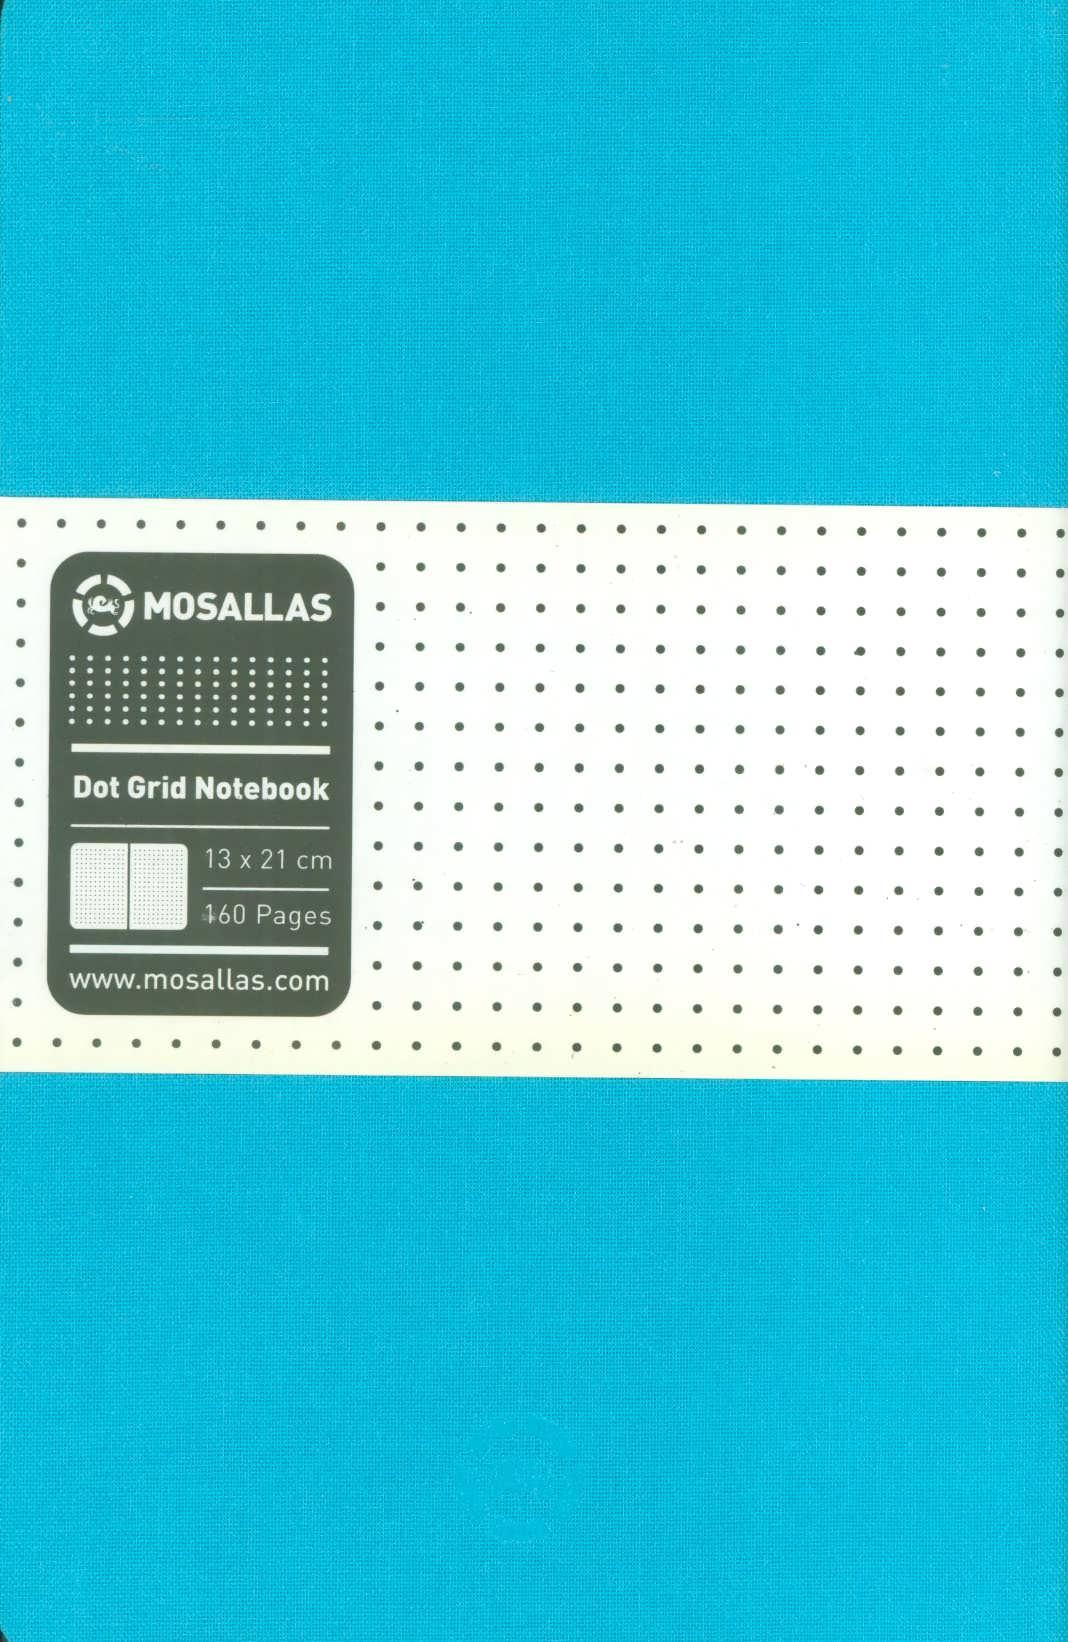 دفتر یادداشت پارچه ای نقطه ای 21*13 (11رنگ)،(کشدار،پاکت دار)